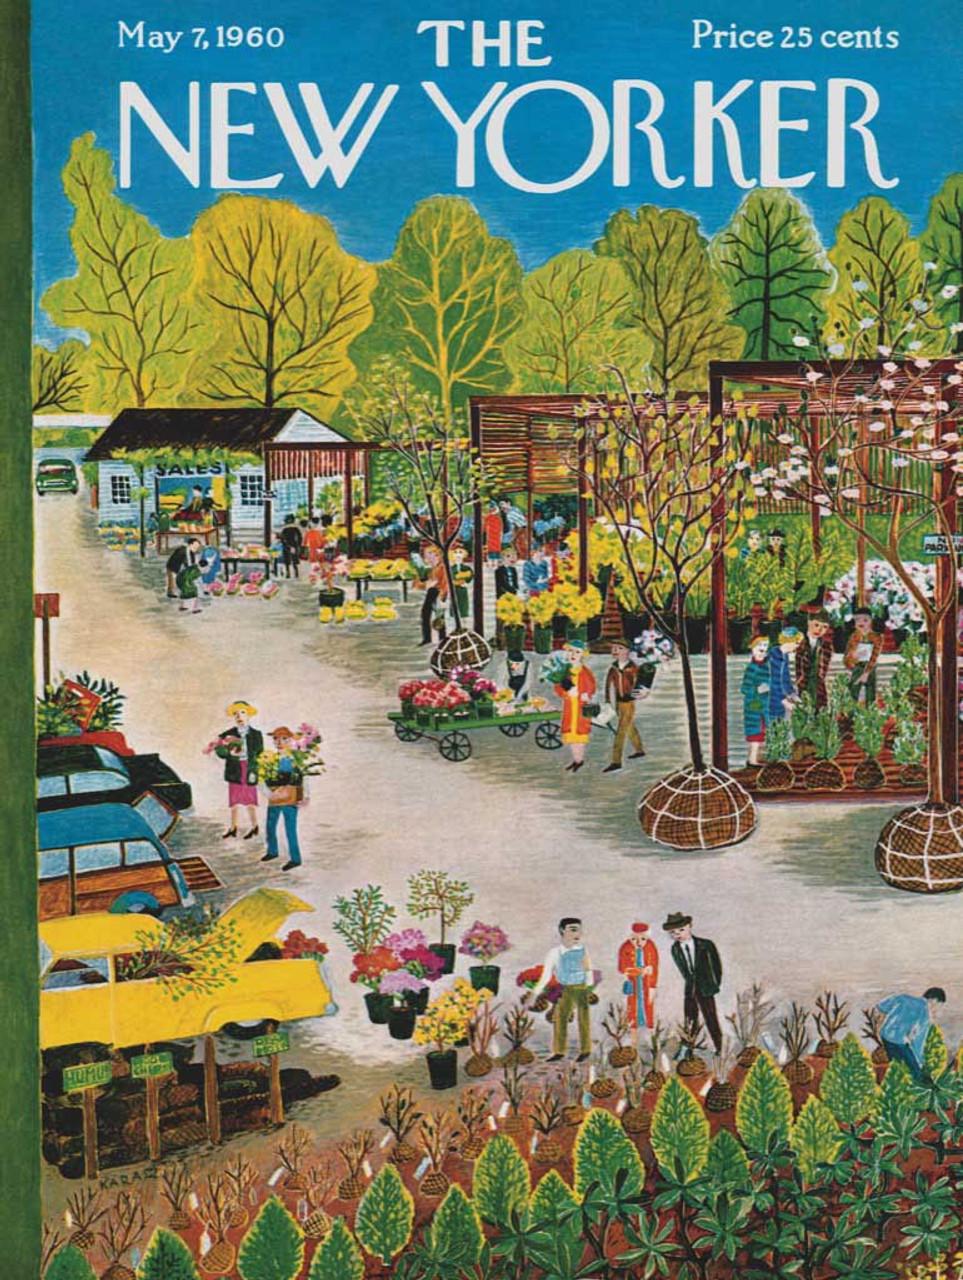 THE NEW YORKER GARDEN CENTER